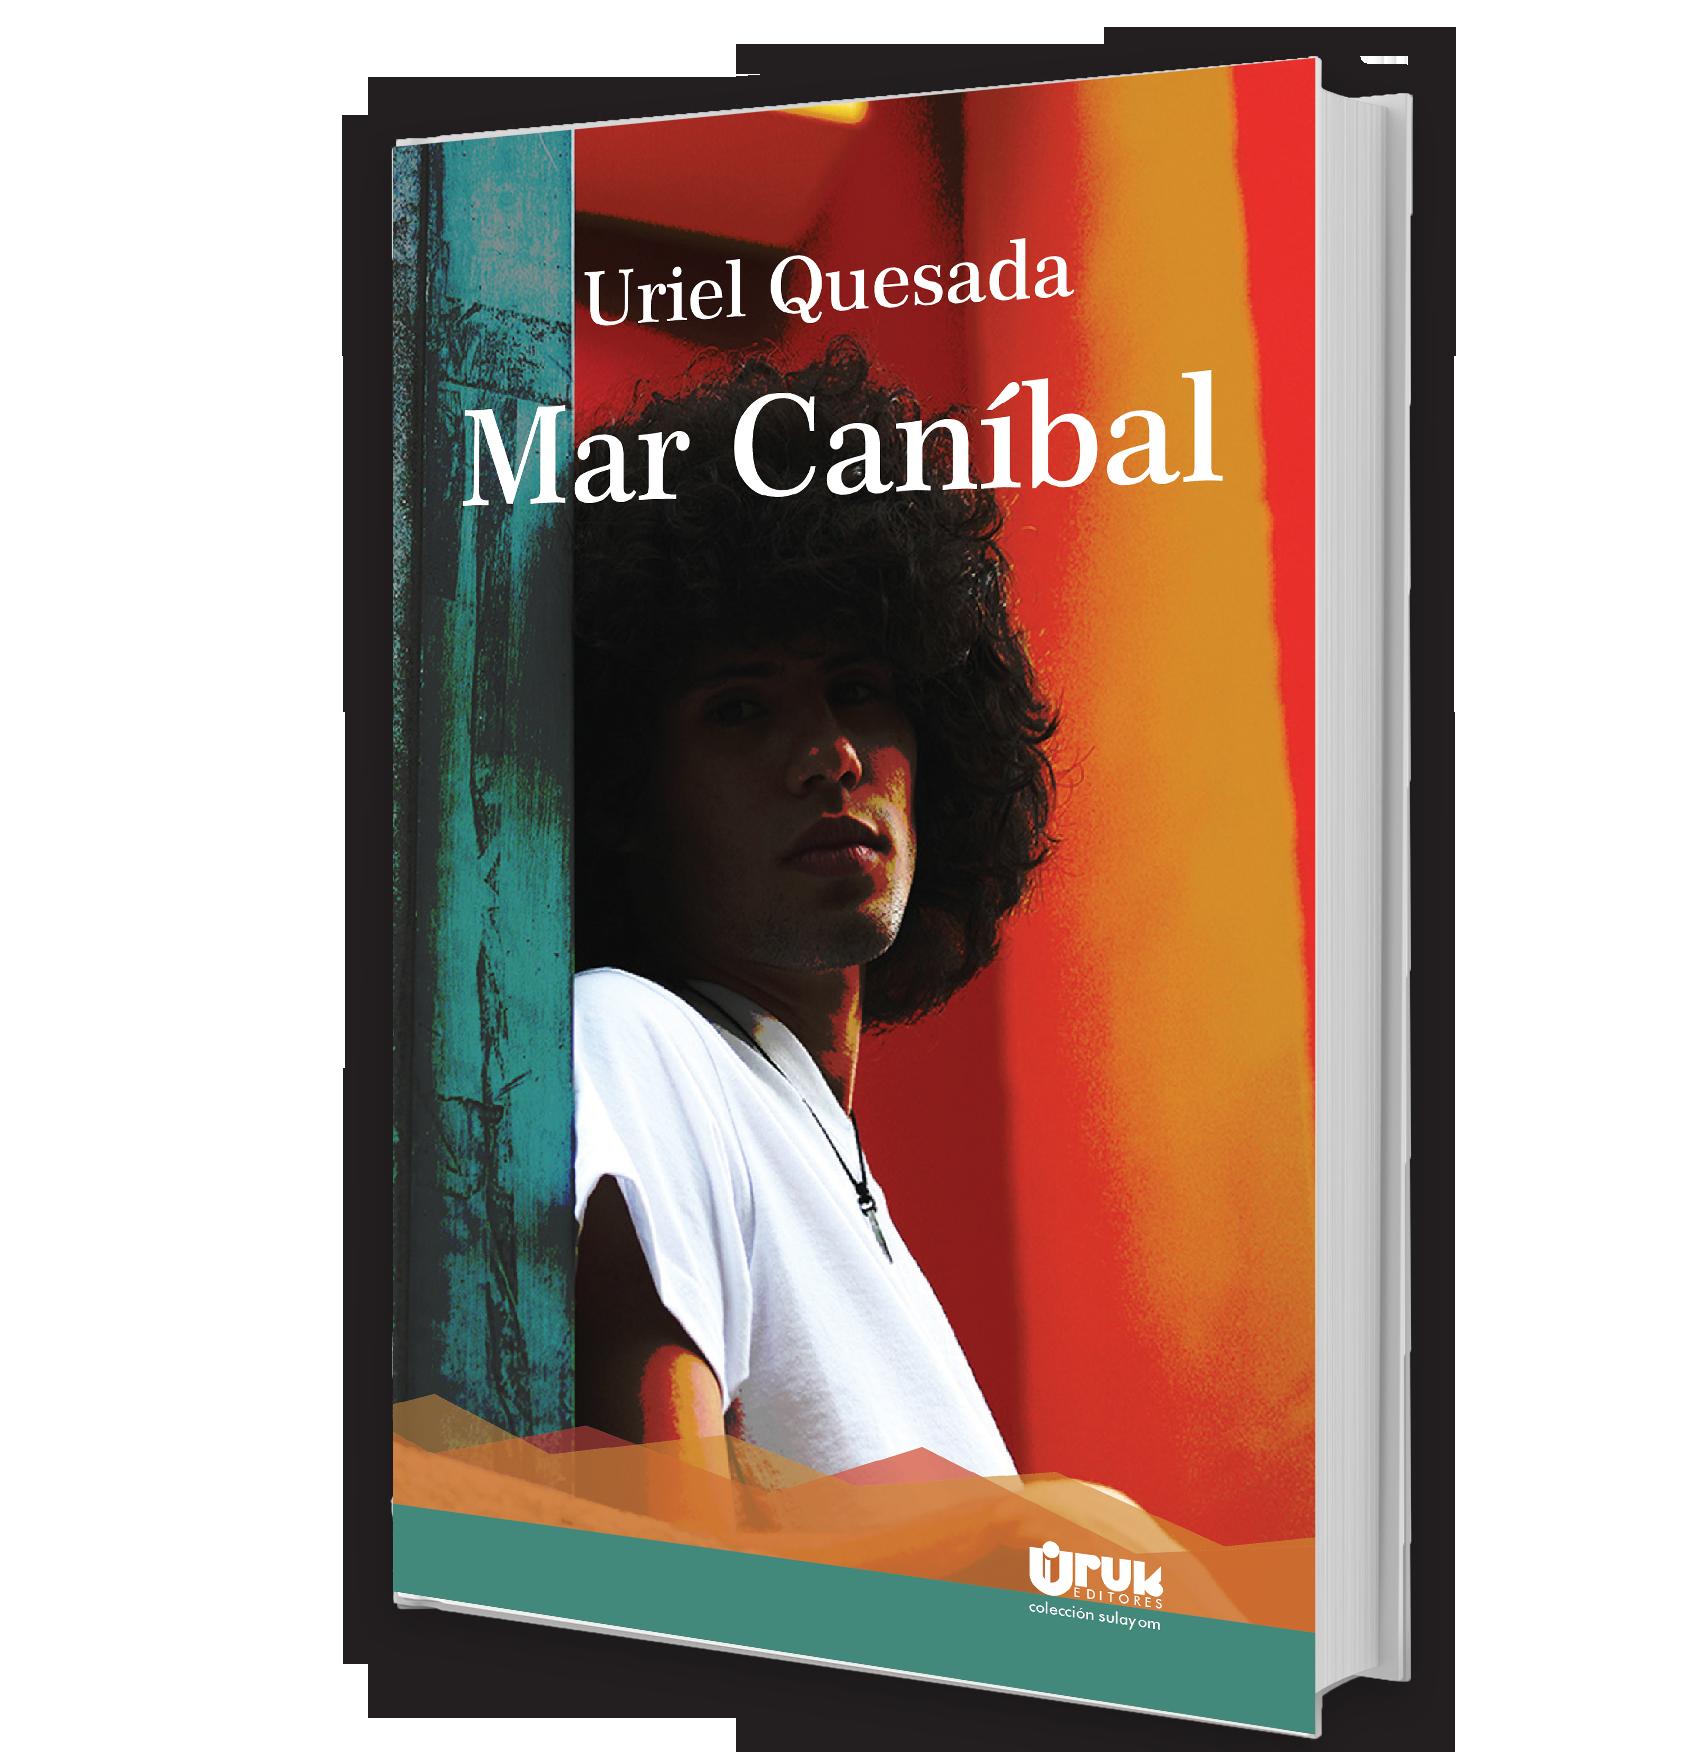 Mar Caníbal